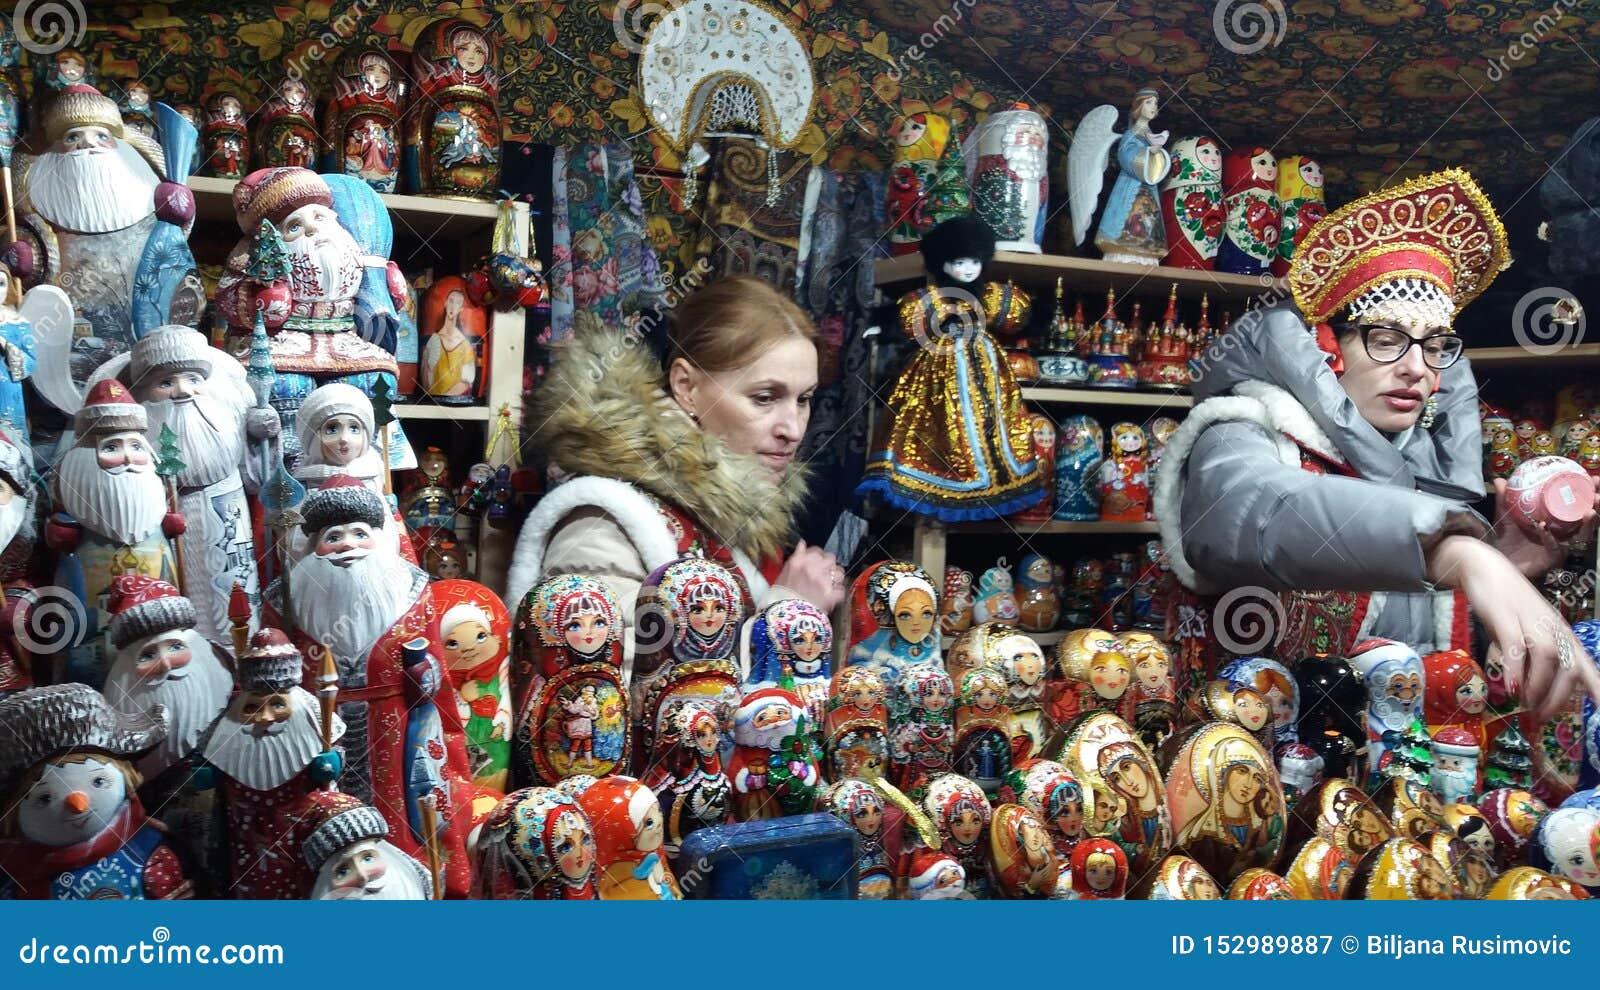 俄罗斯文化在瑞士